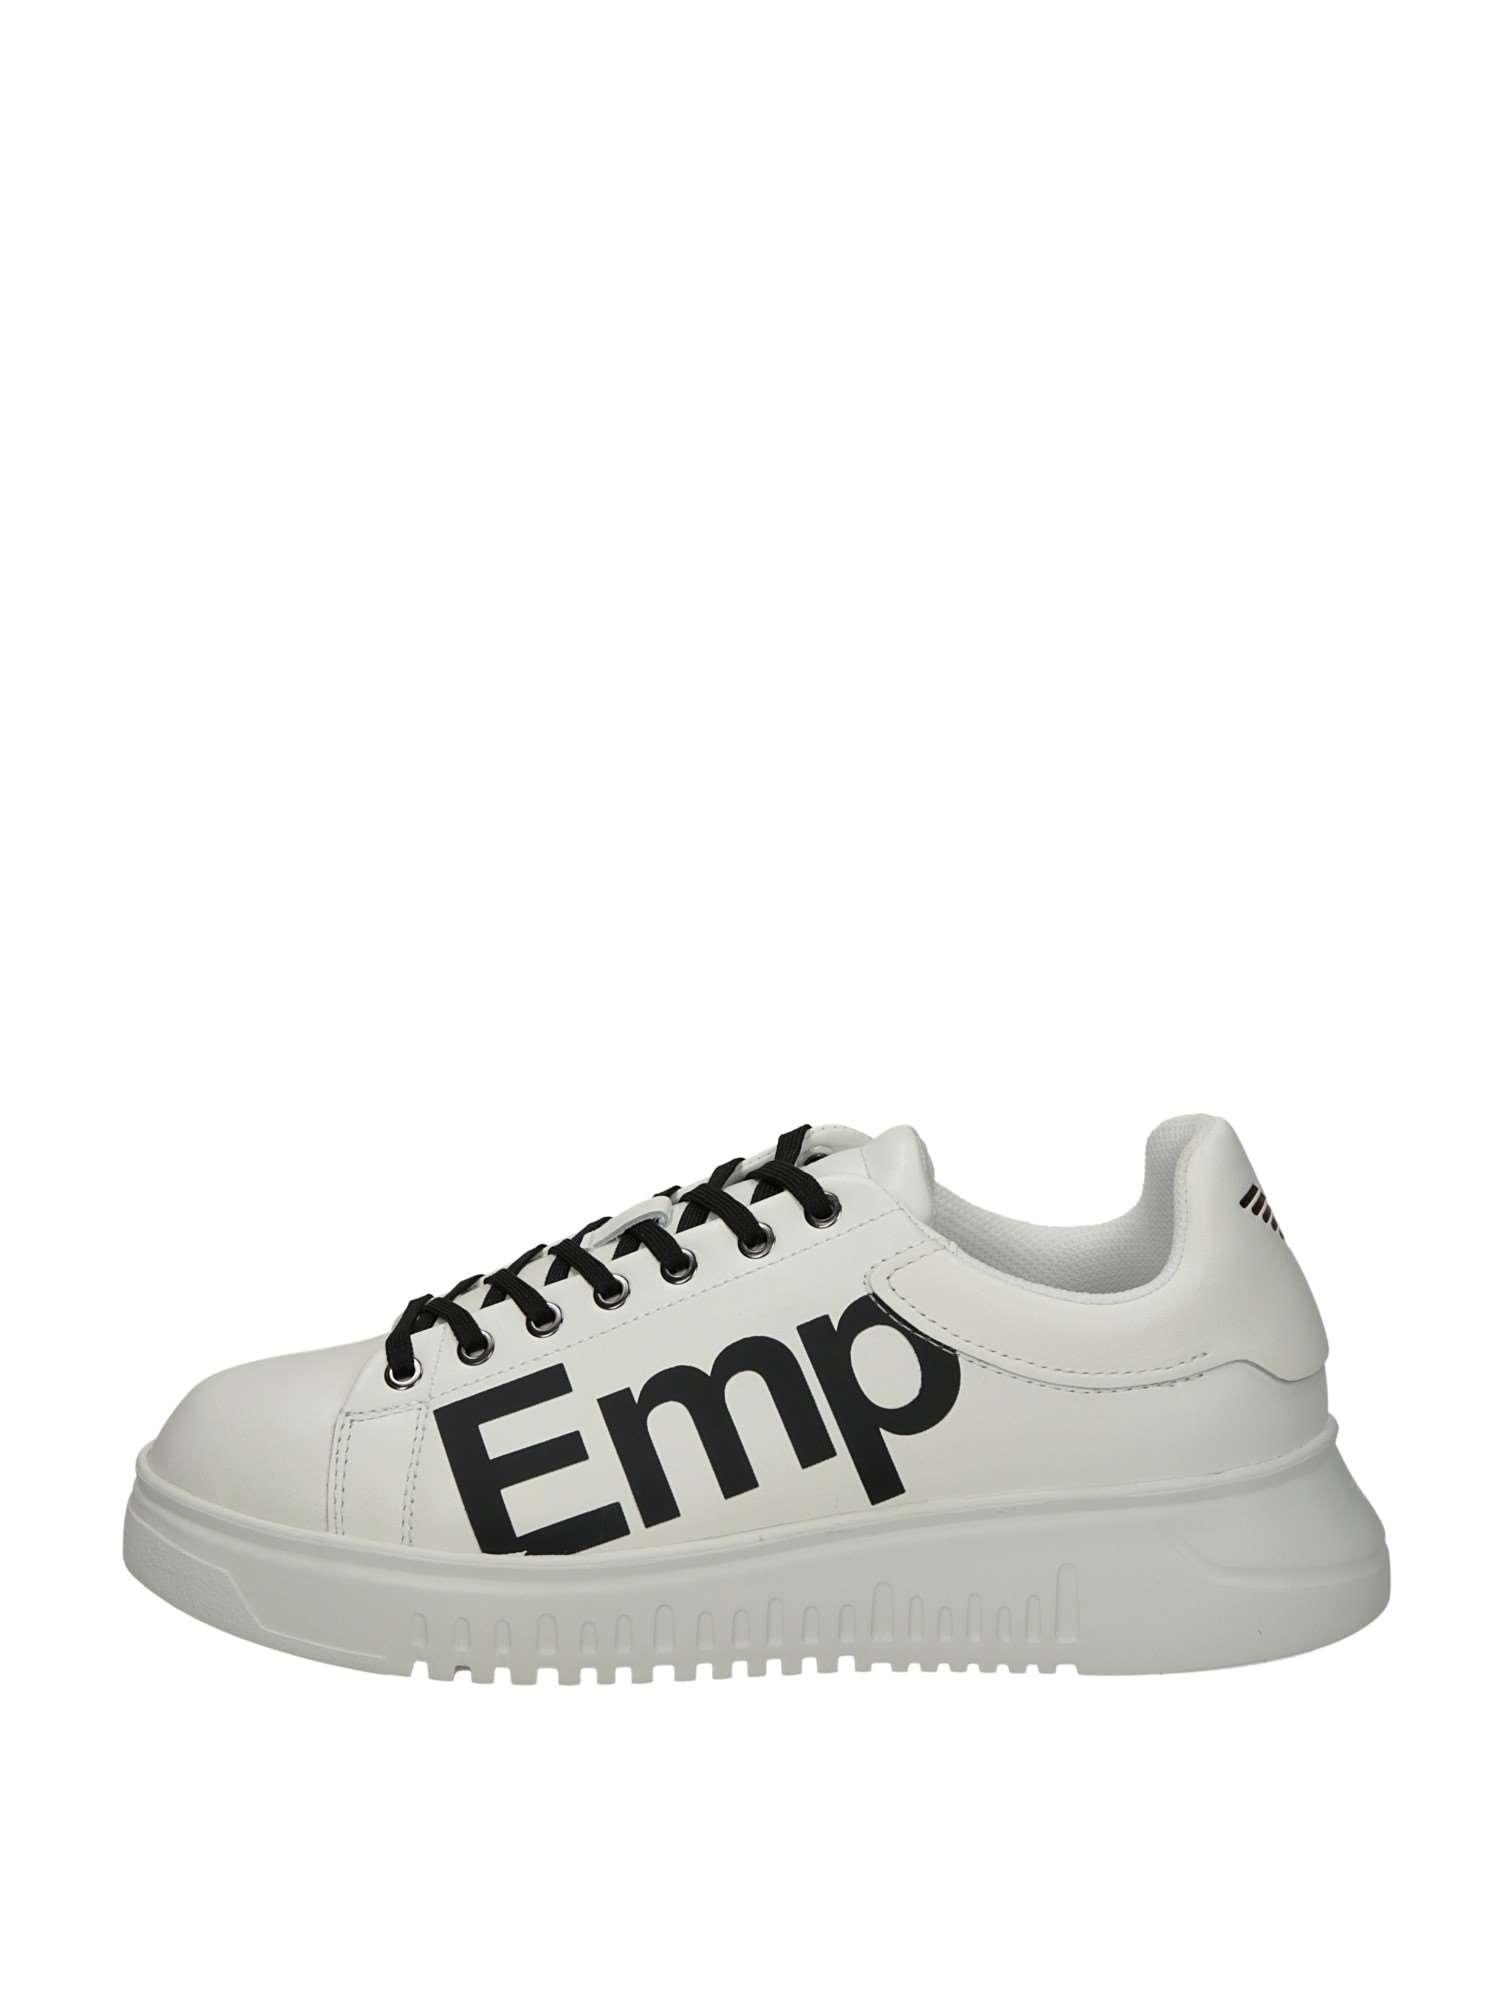 Emporio Armani X4X264 Bianco Nero Scarpe Uomo Sneakers 23fc362402b